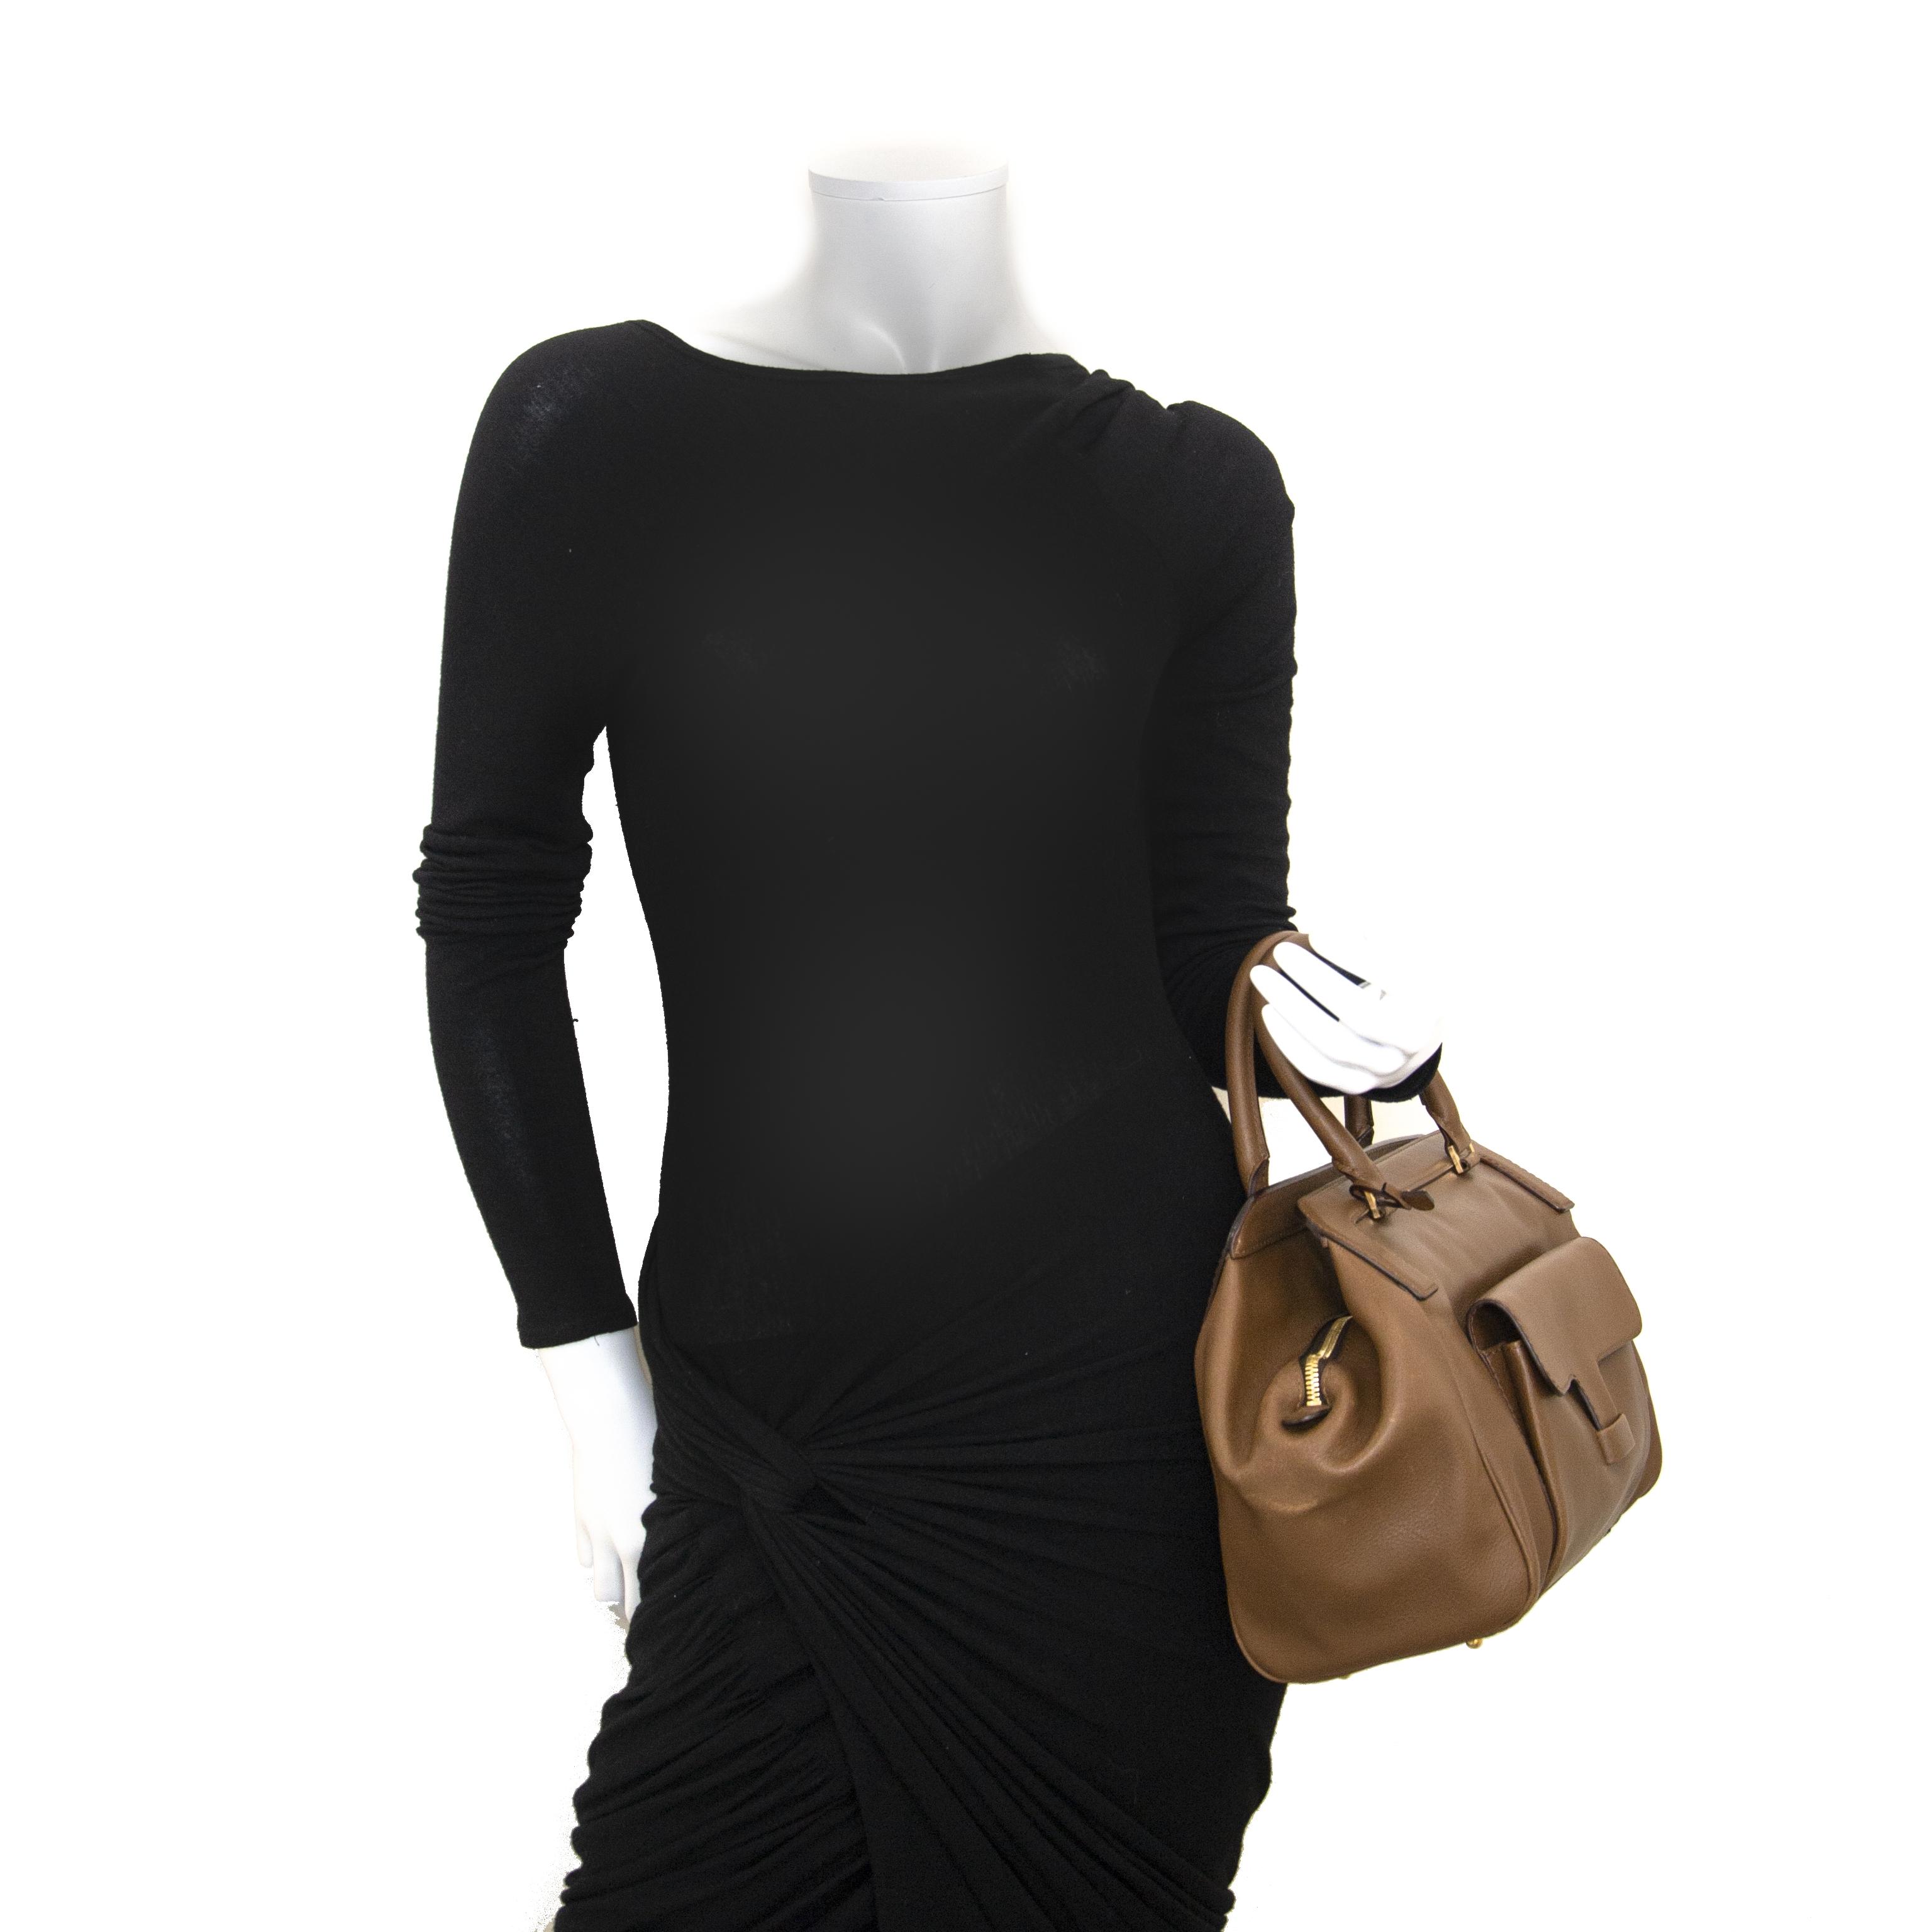 Delvaux Taupe Leather Doctor Bag te koop in Antwerpen bij Labellov tweedehands luxe